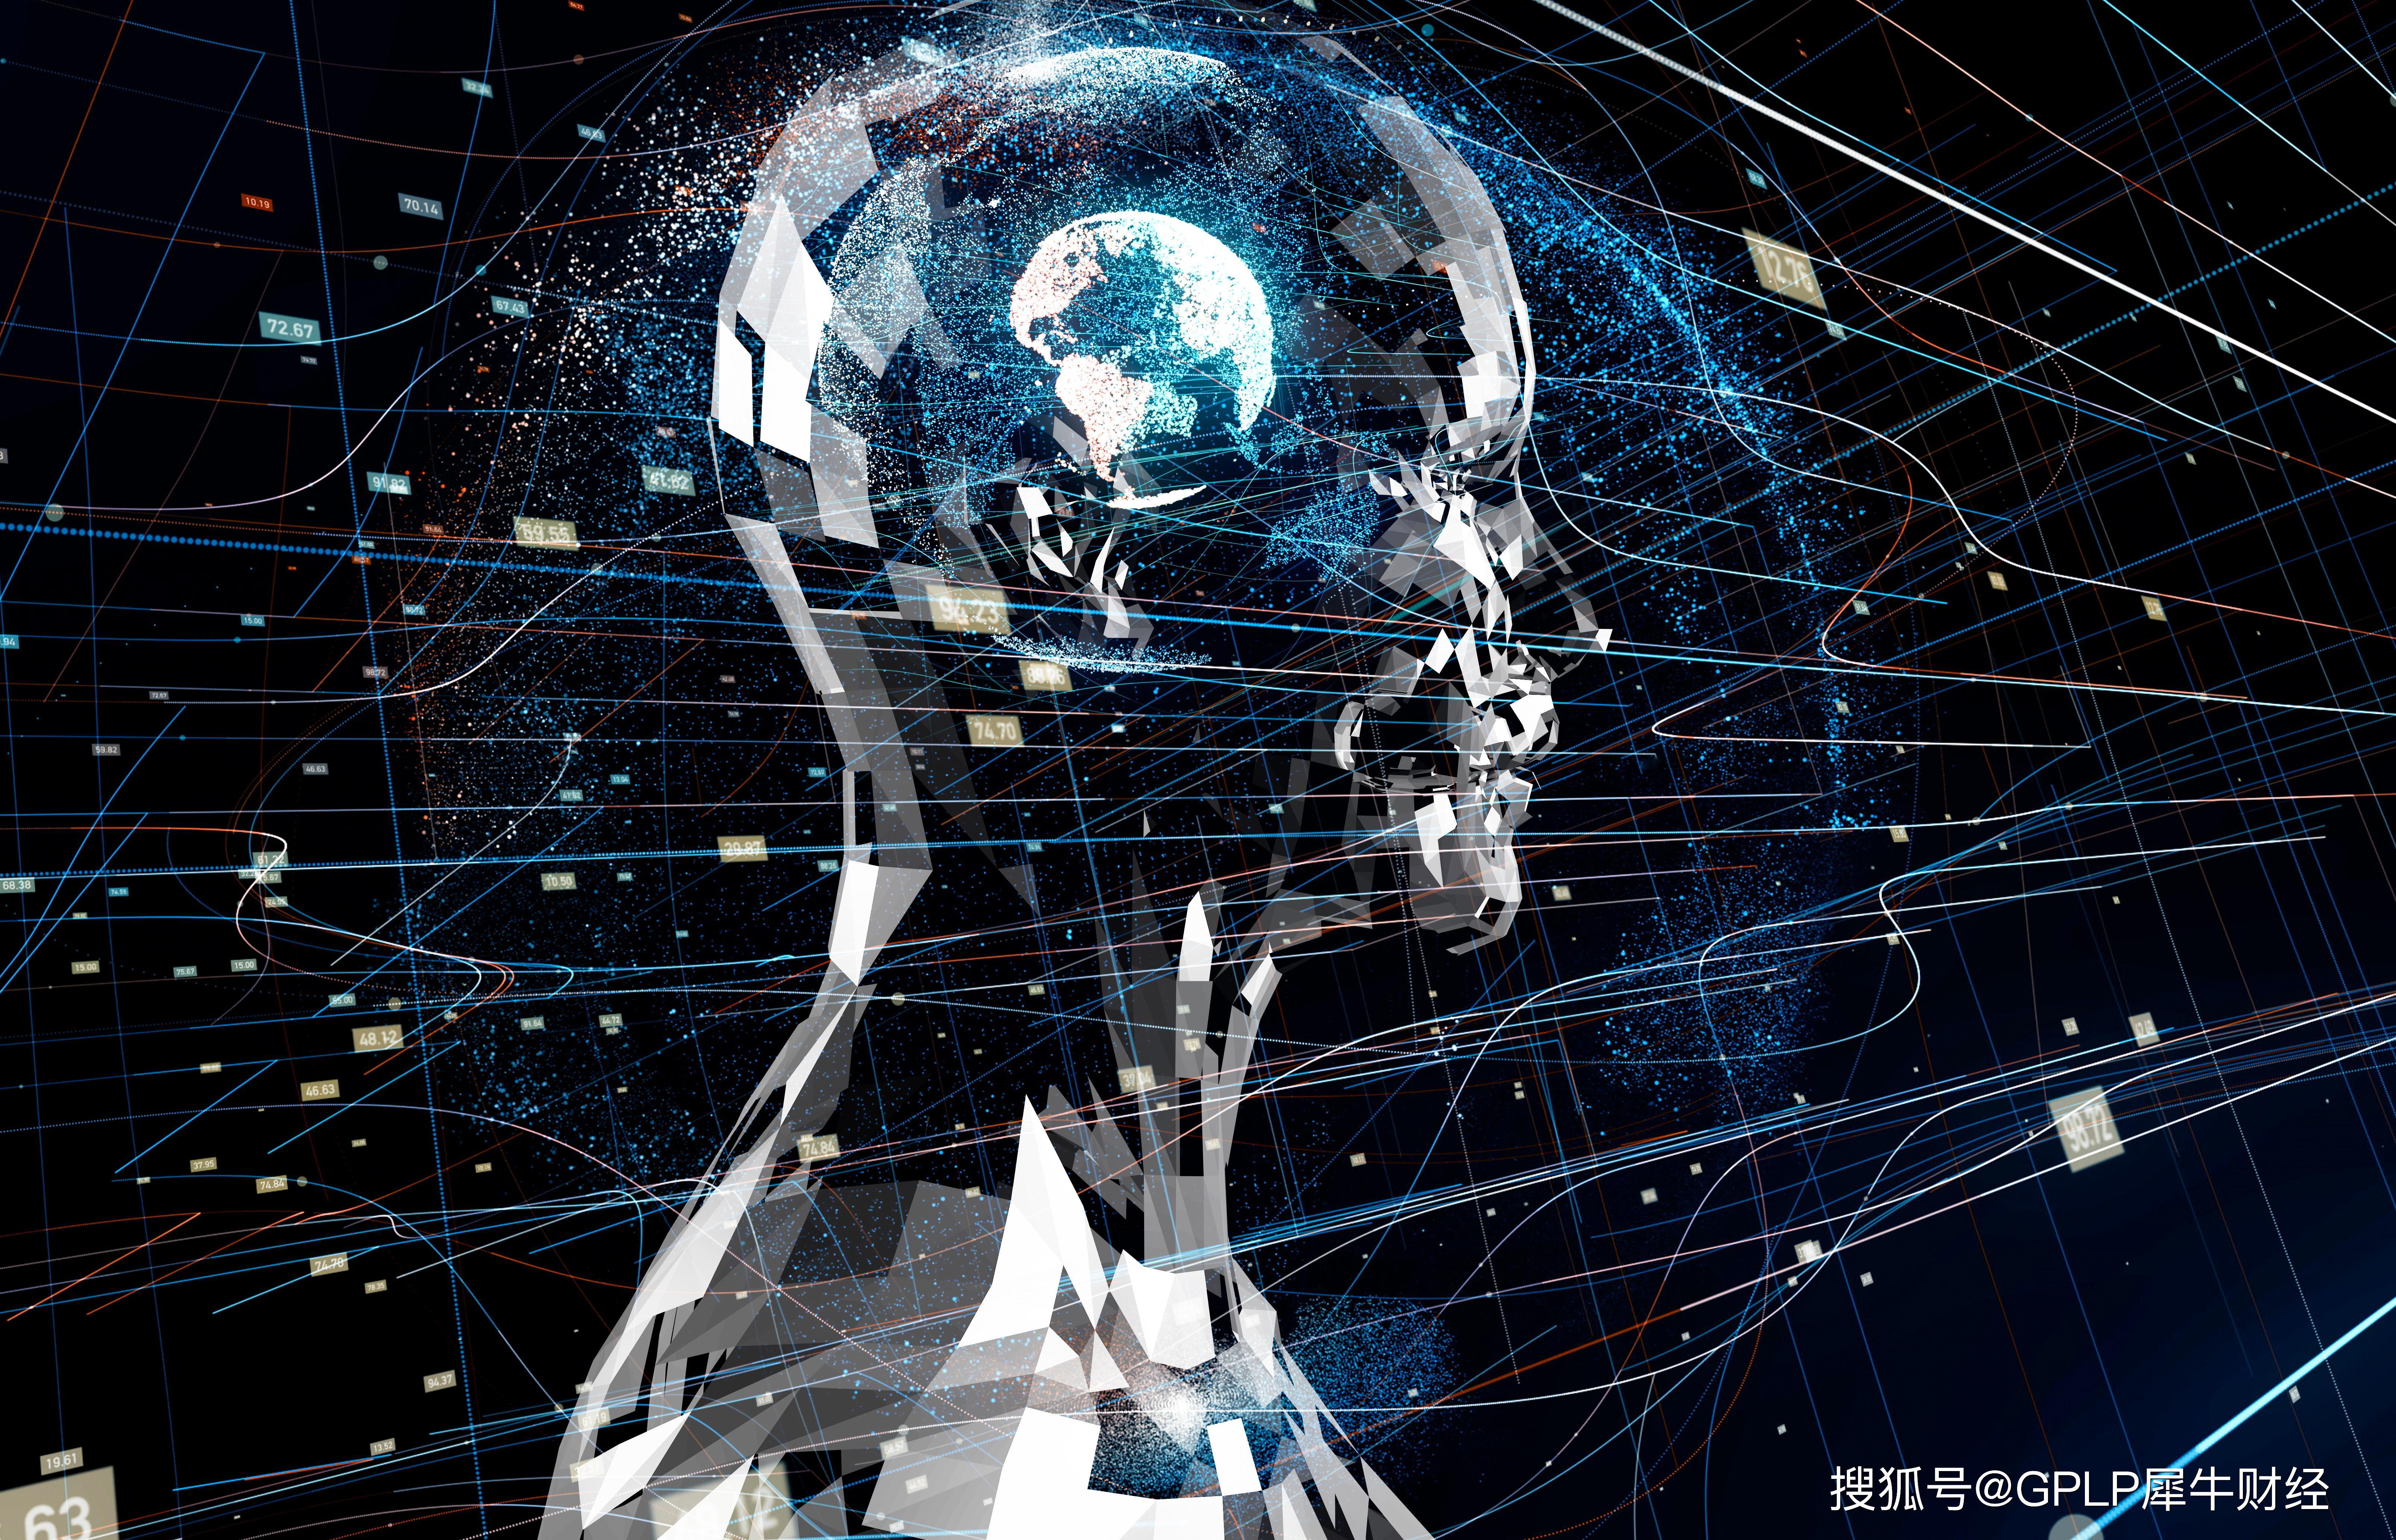 达摩院2020十大科技趋势发布:科技浪潮新十年序幕开启_智能